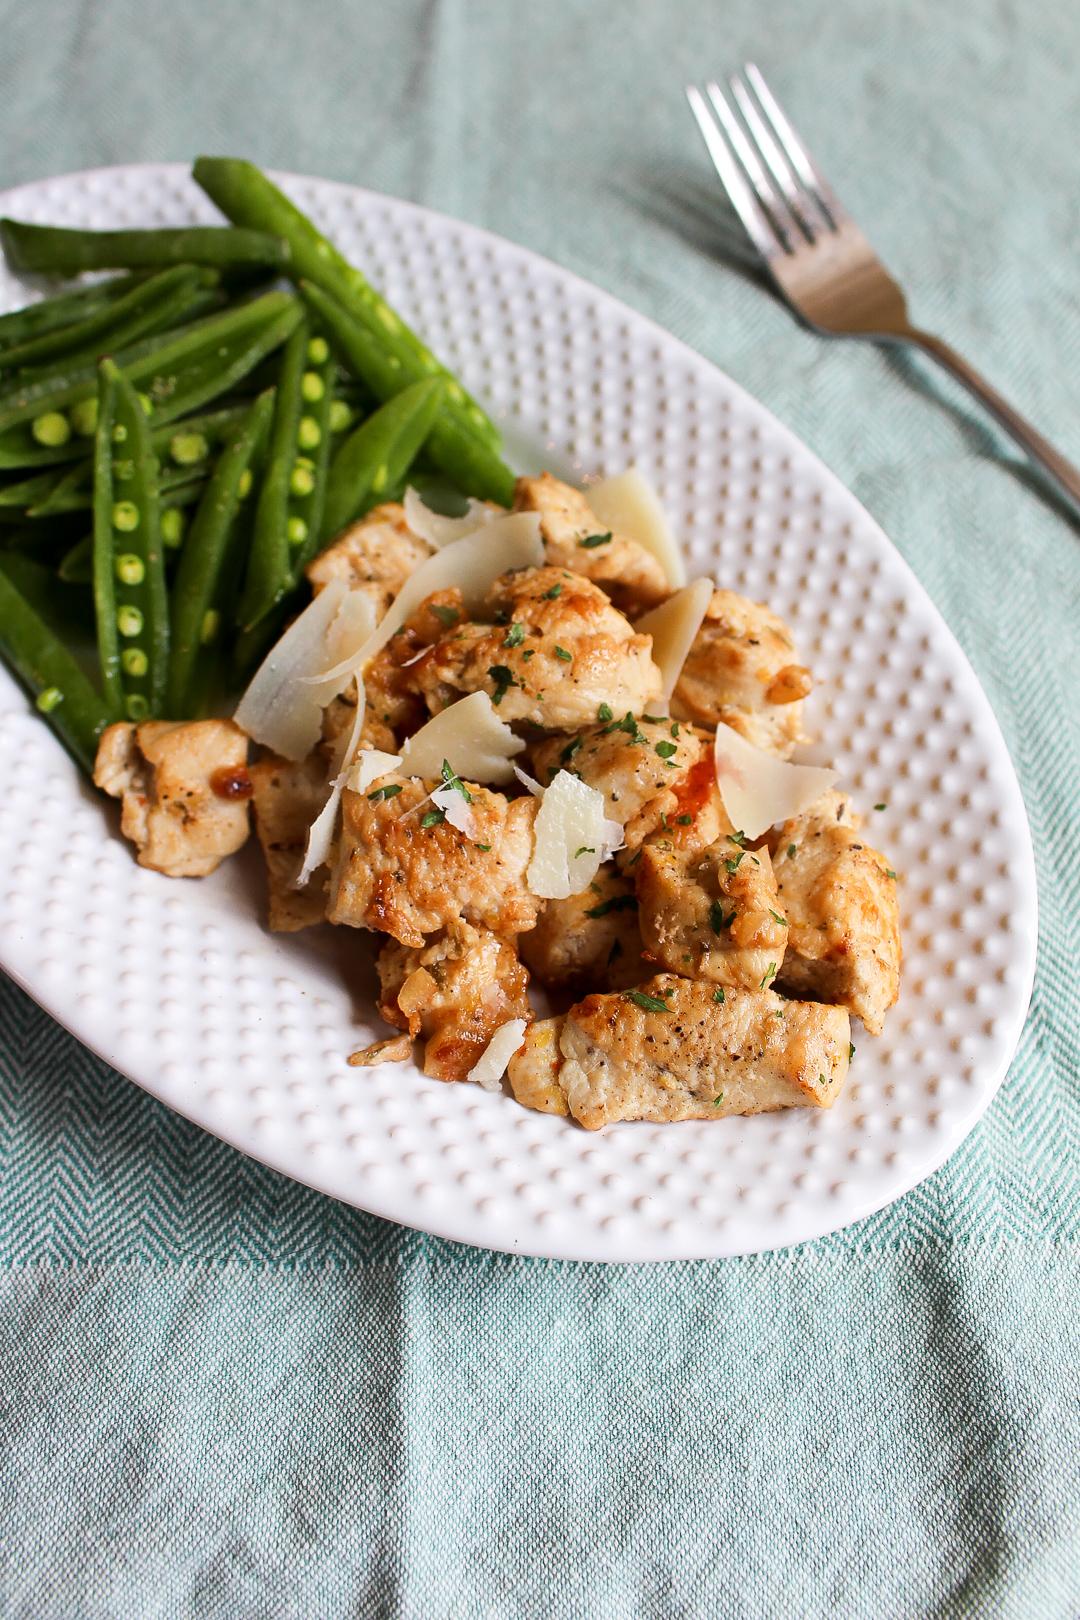 Easy Lemon-Garlic Chicken Recipe